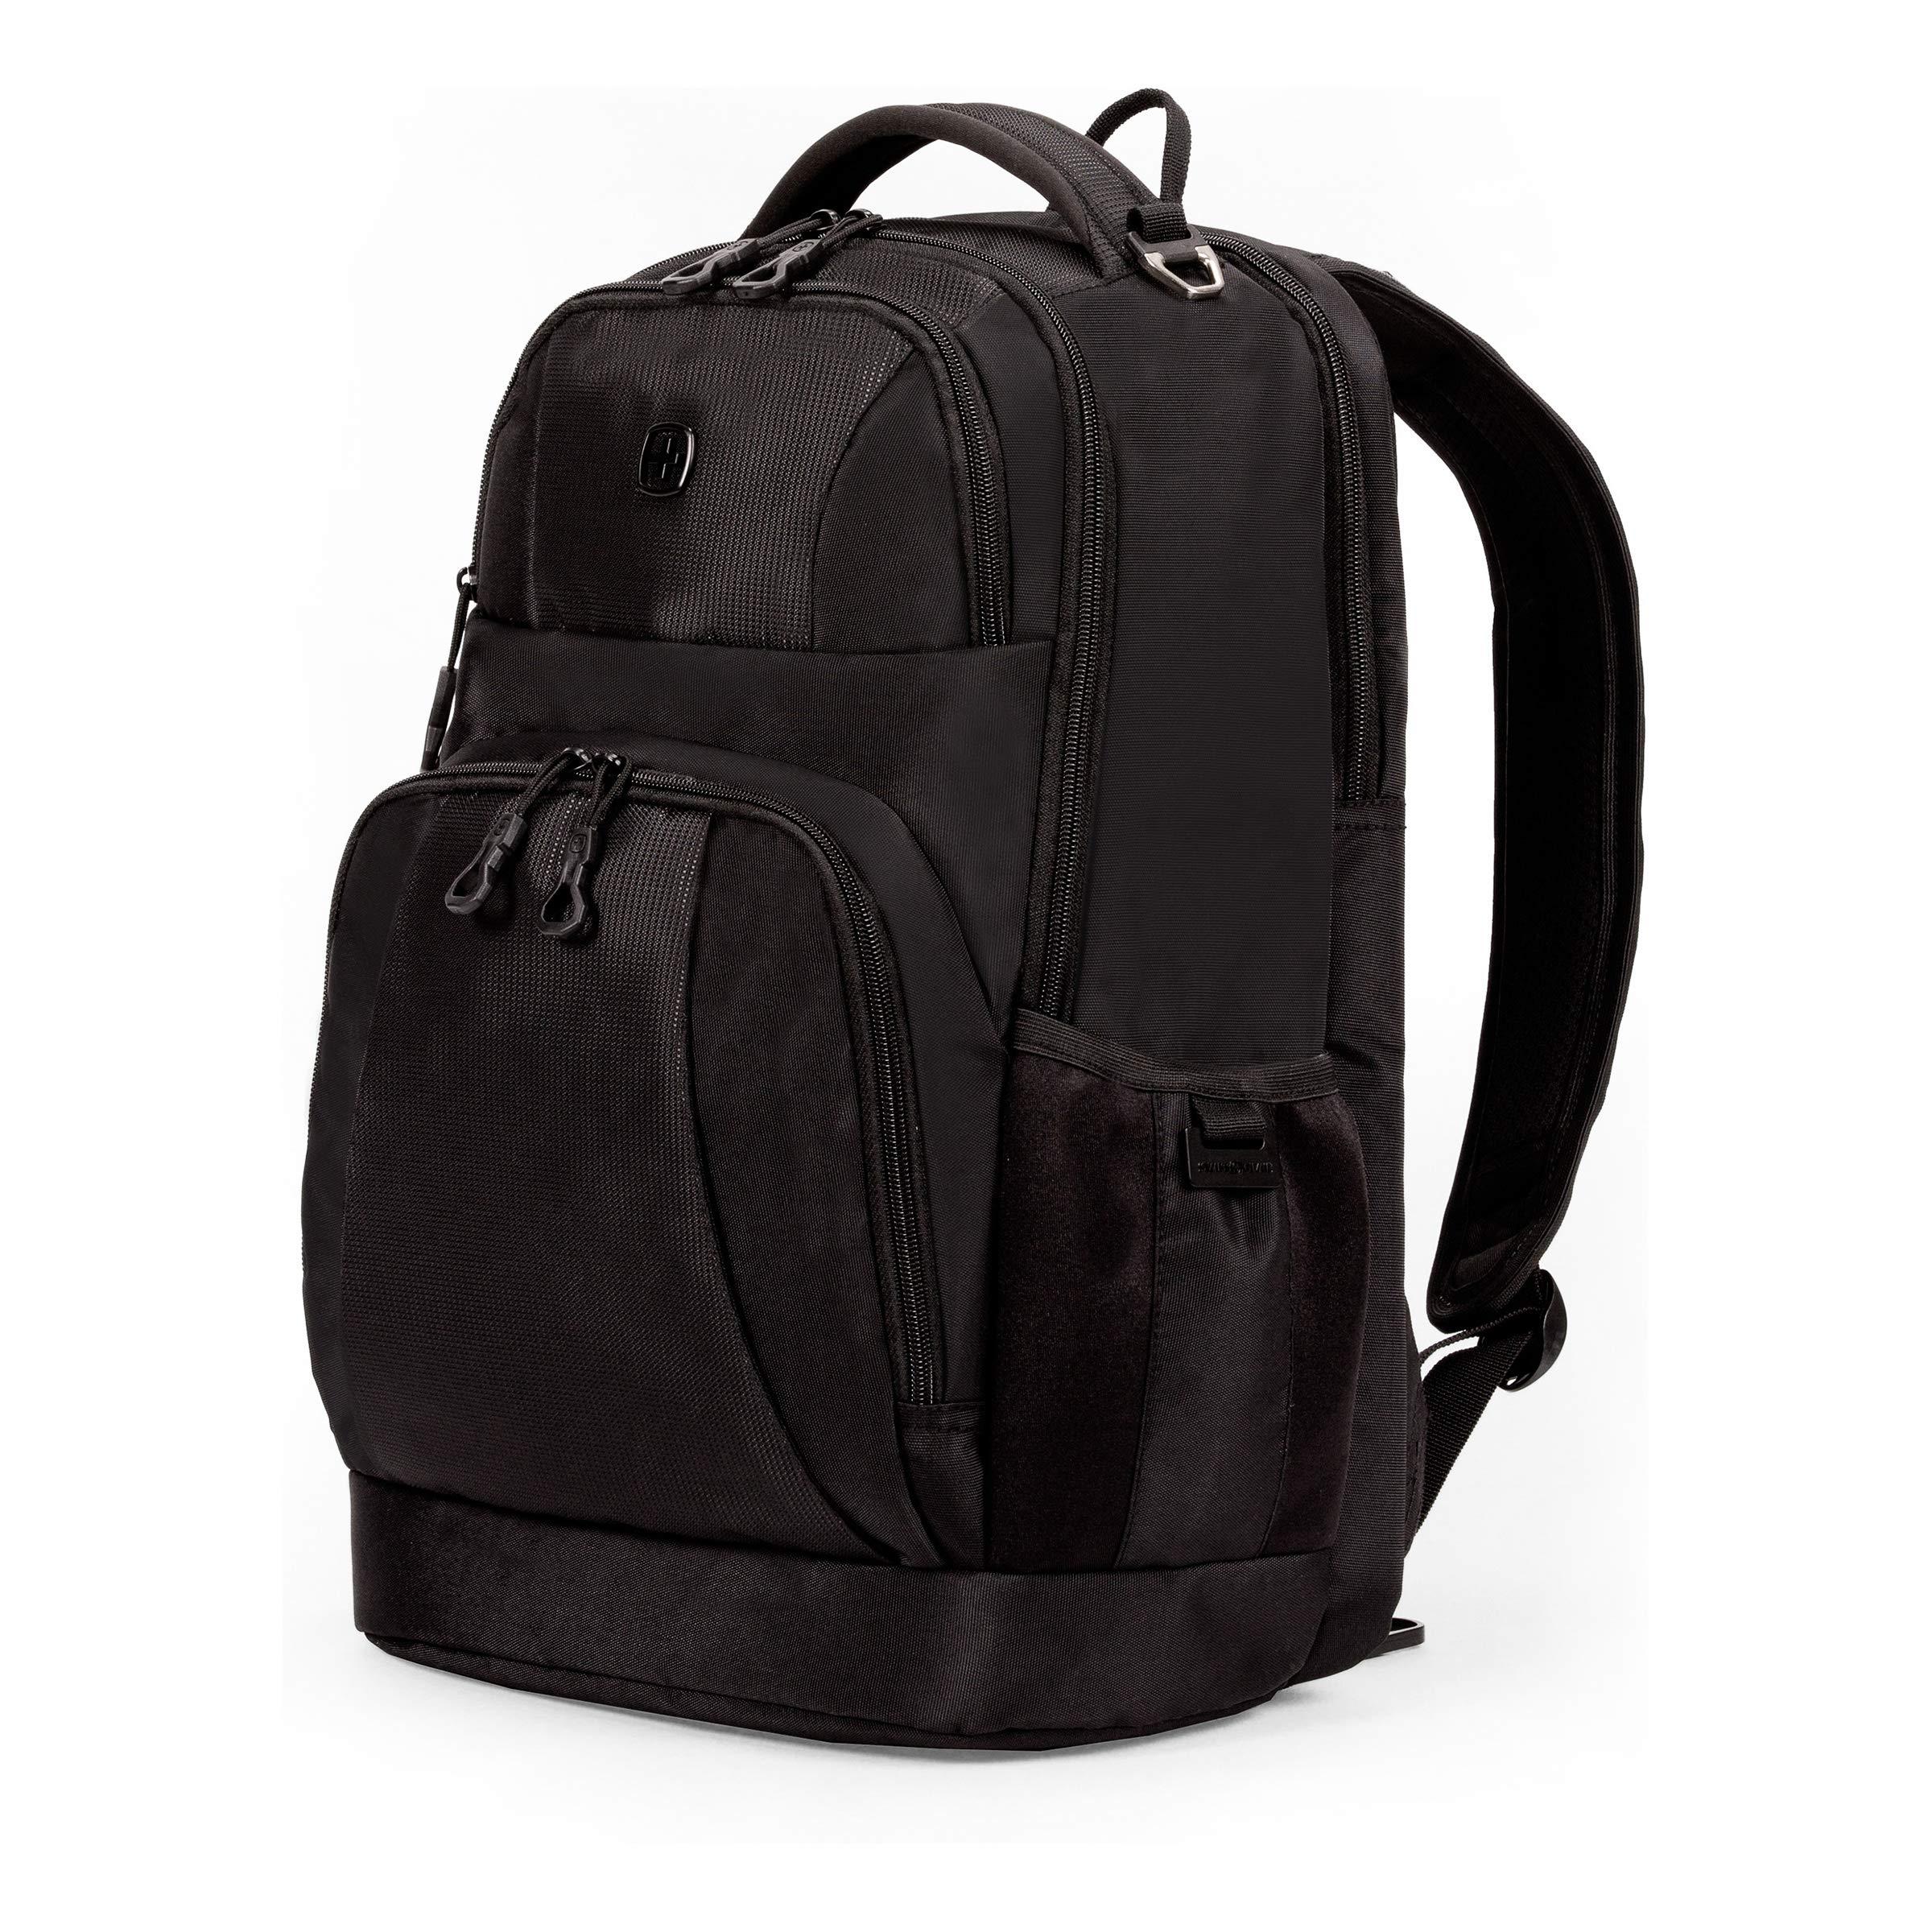 SWISSGEAR Padded 15 inch Backpack Commute